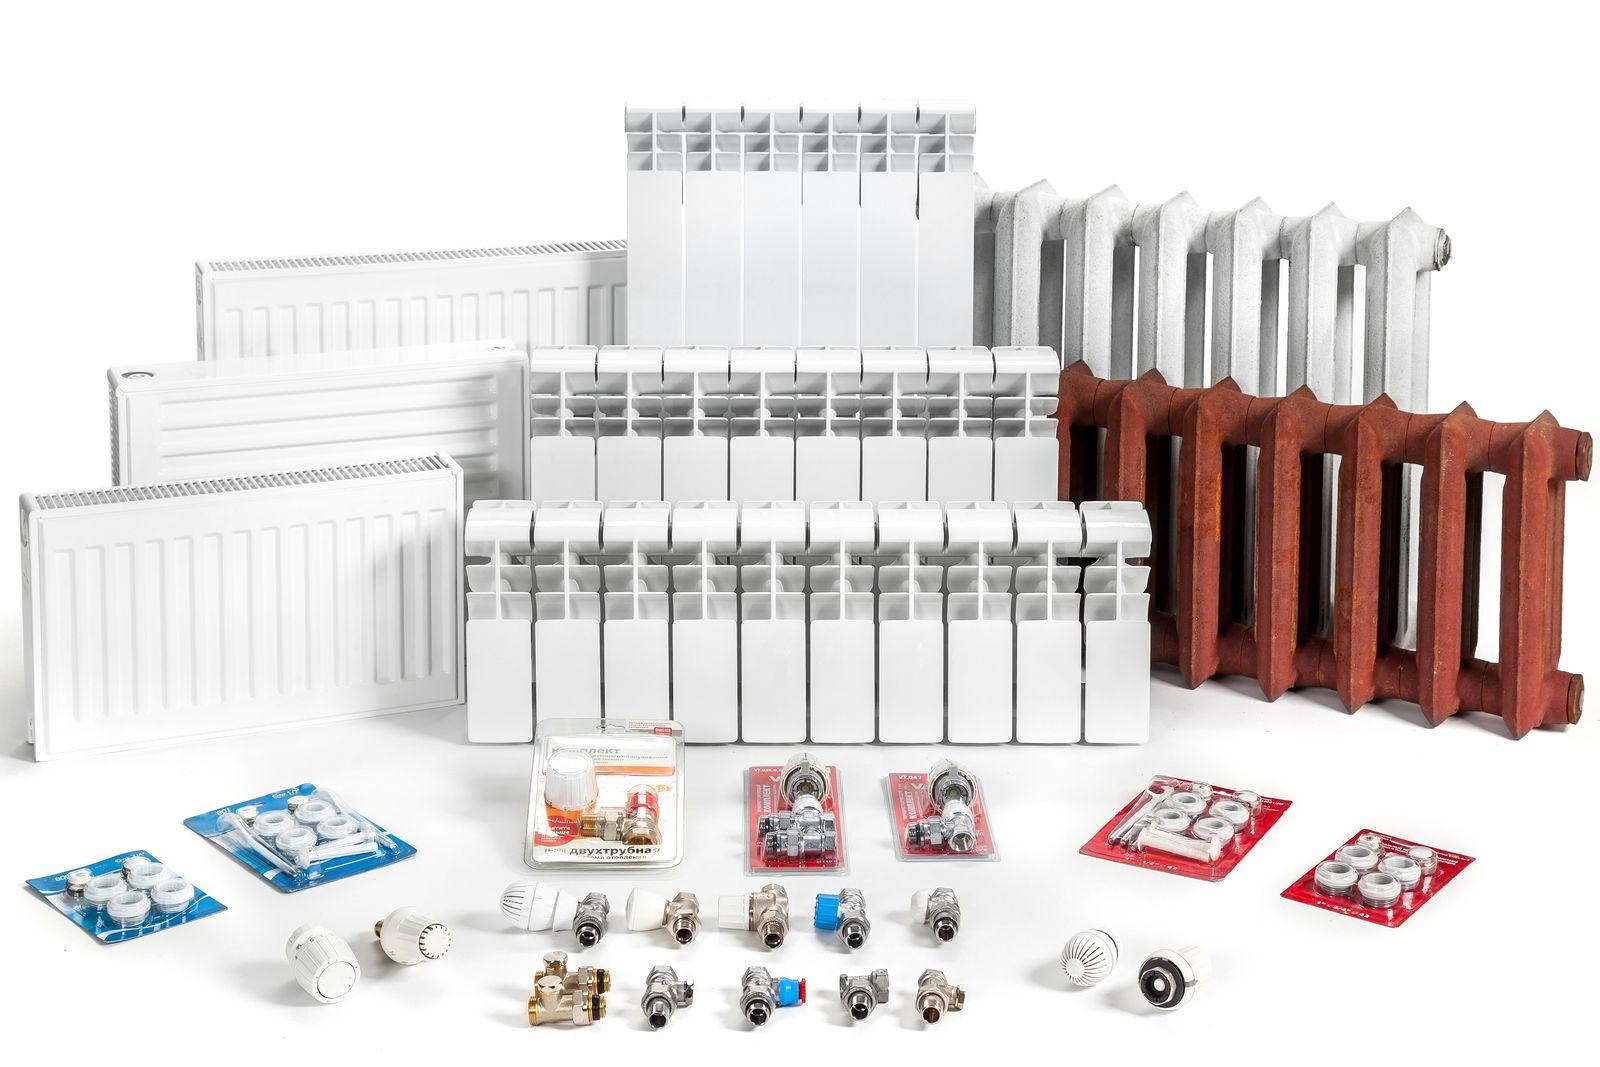 Comment Choisir La Puissance D Un Seche Serviette Electrique comment choisir ses radiateurs ?